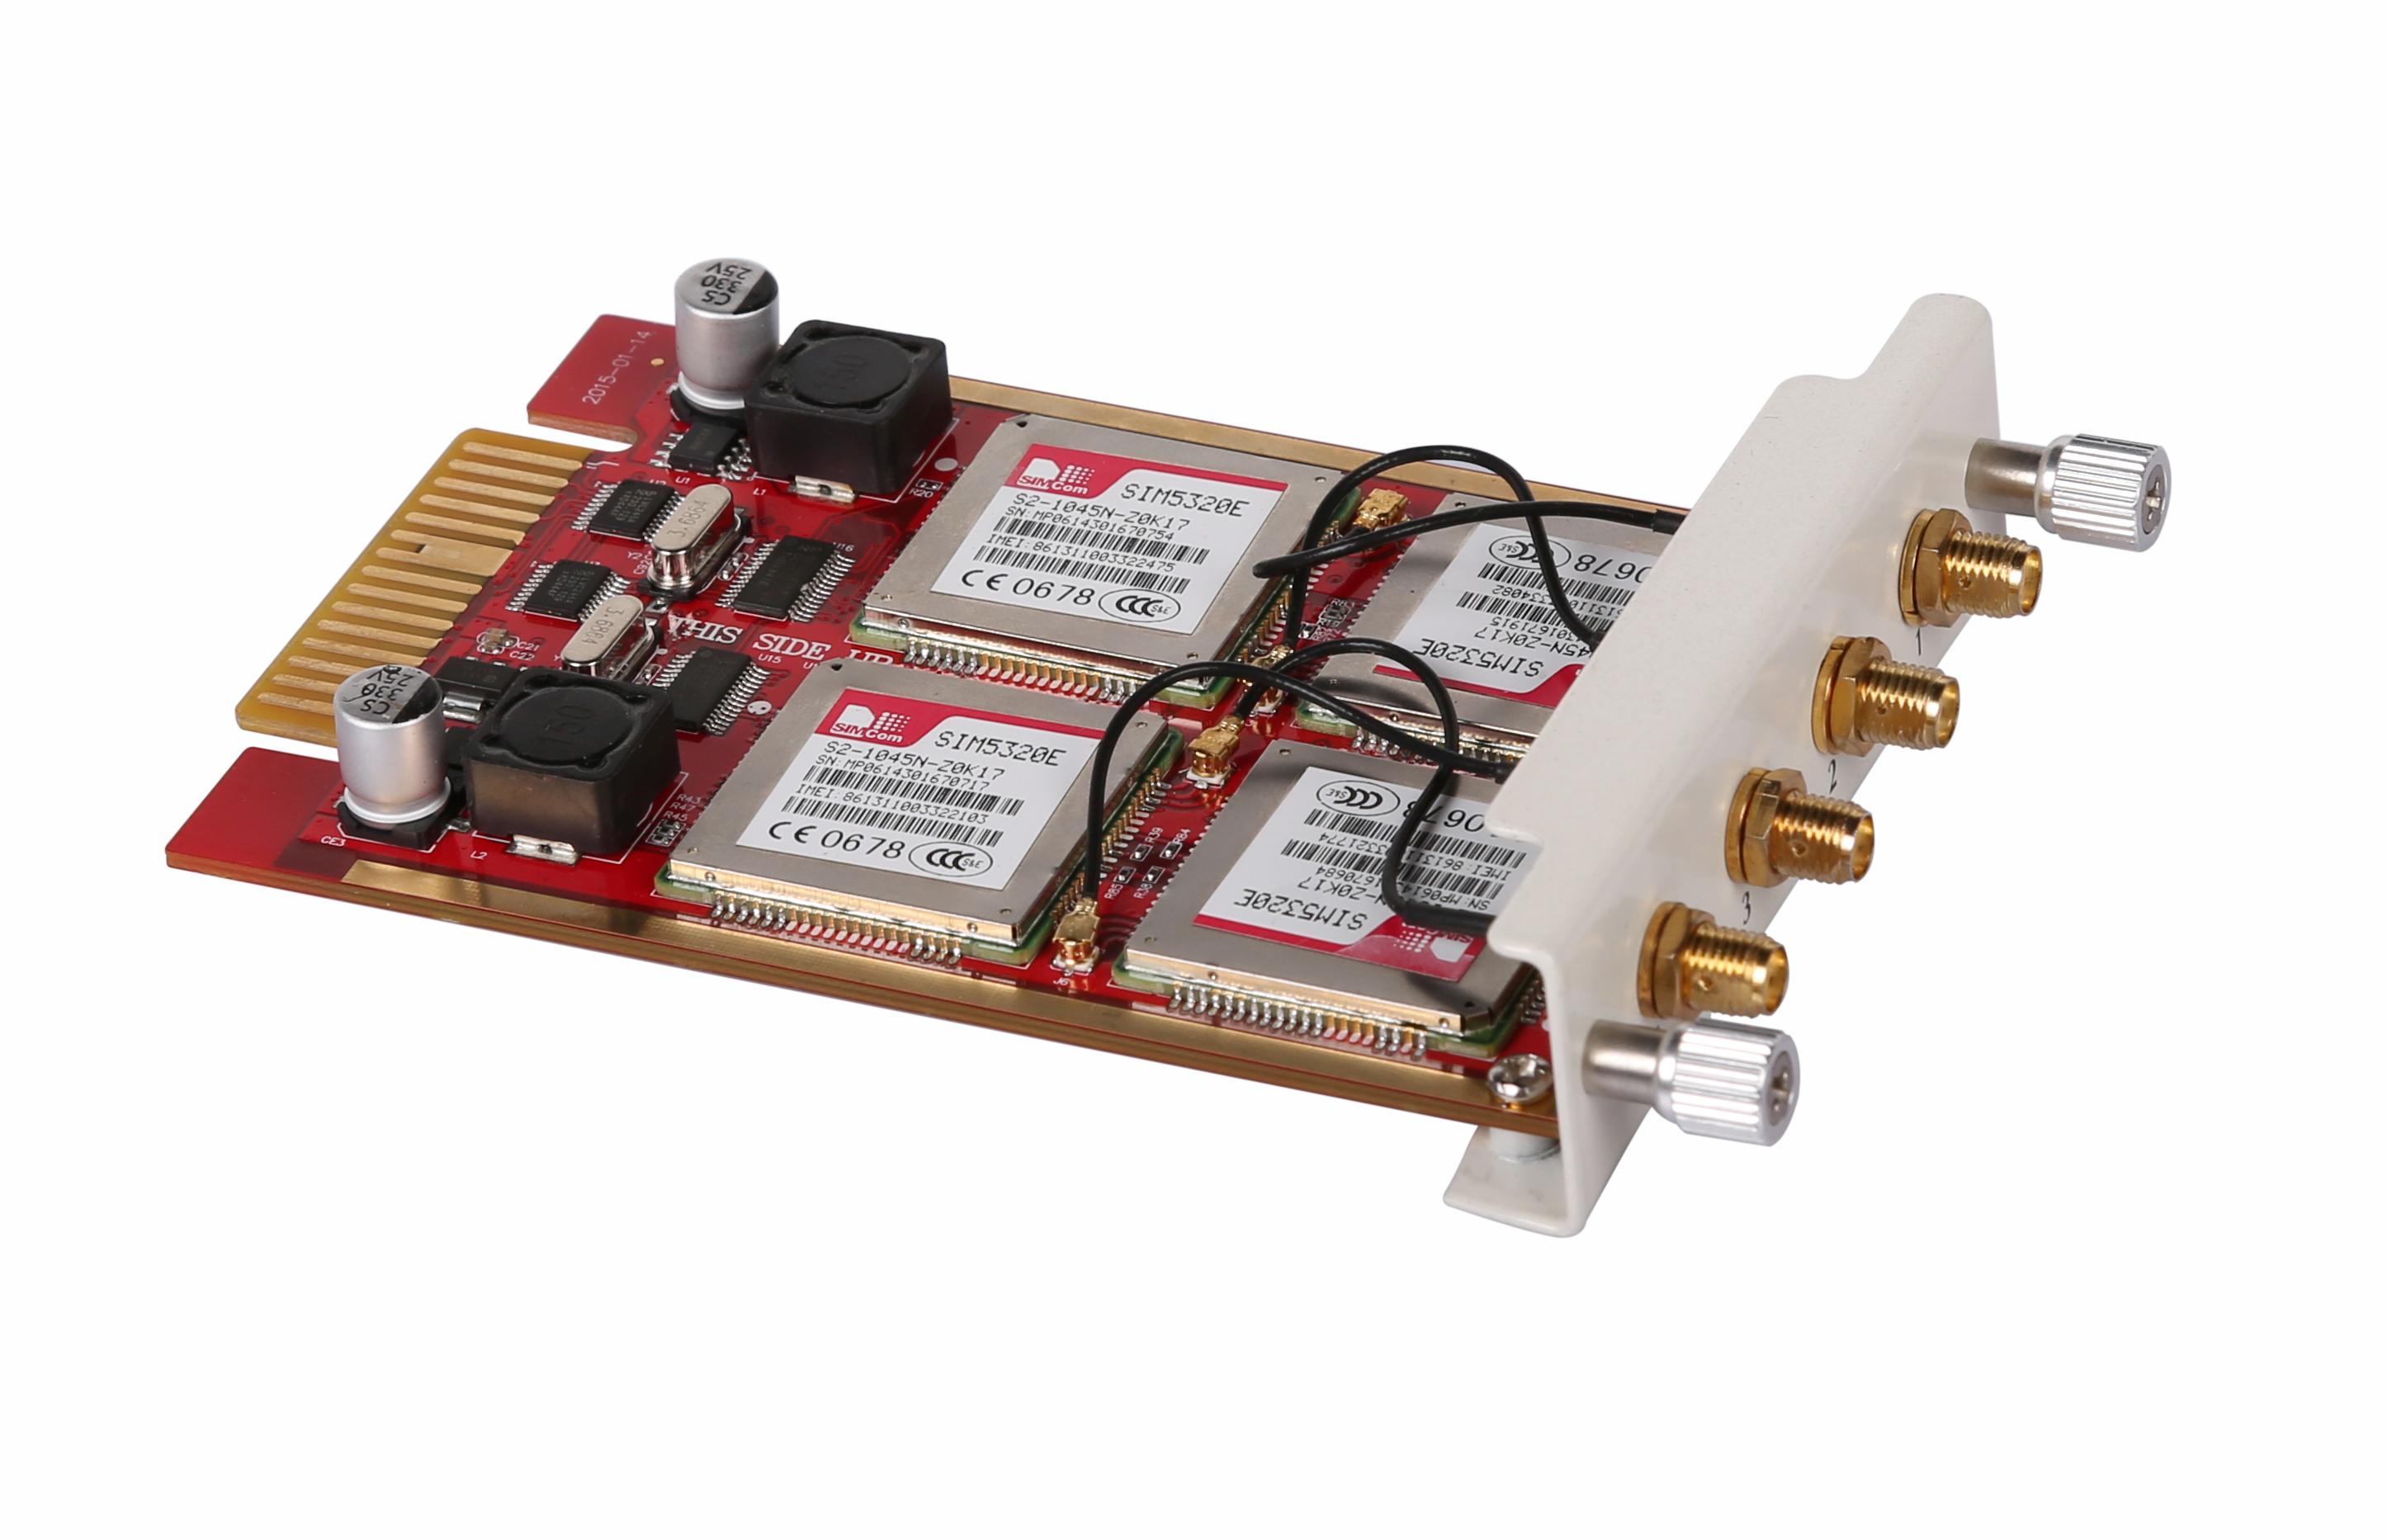 Zycoo 4wcdma module